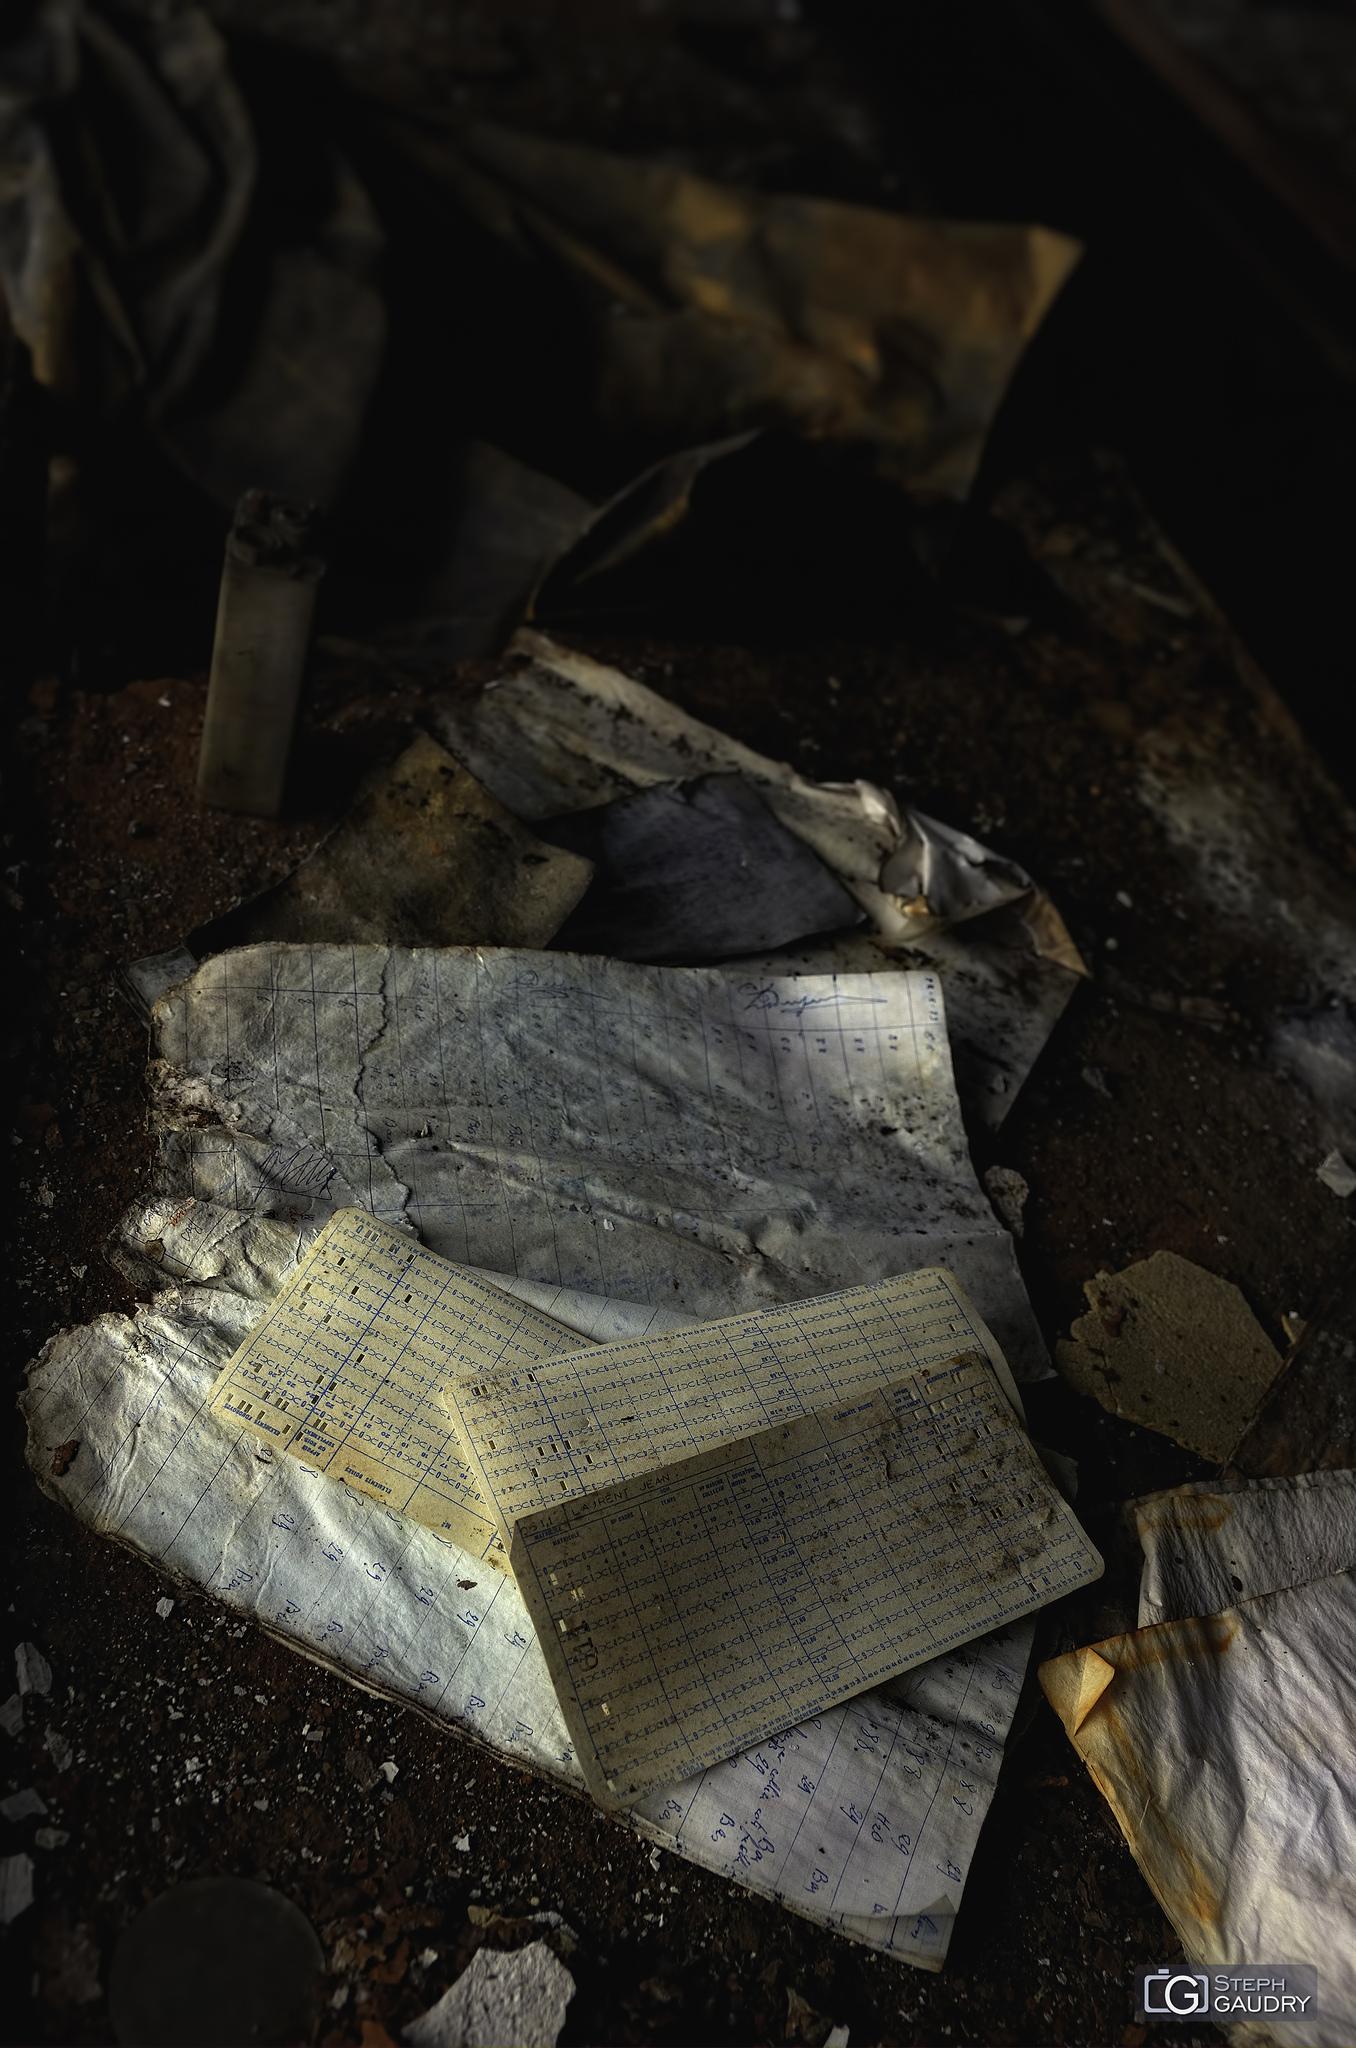 Fiches du charbonnage abandonné [Klik om de diavoorstelling te starten]